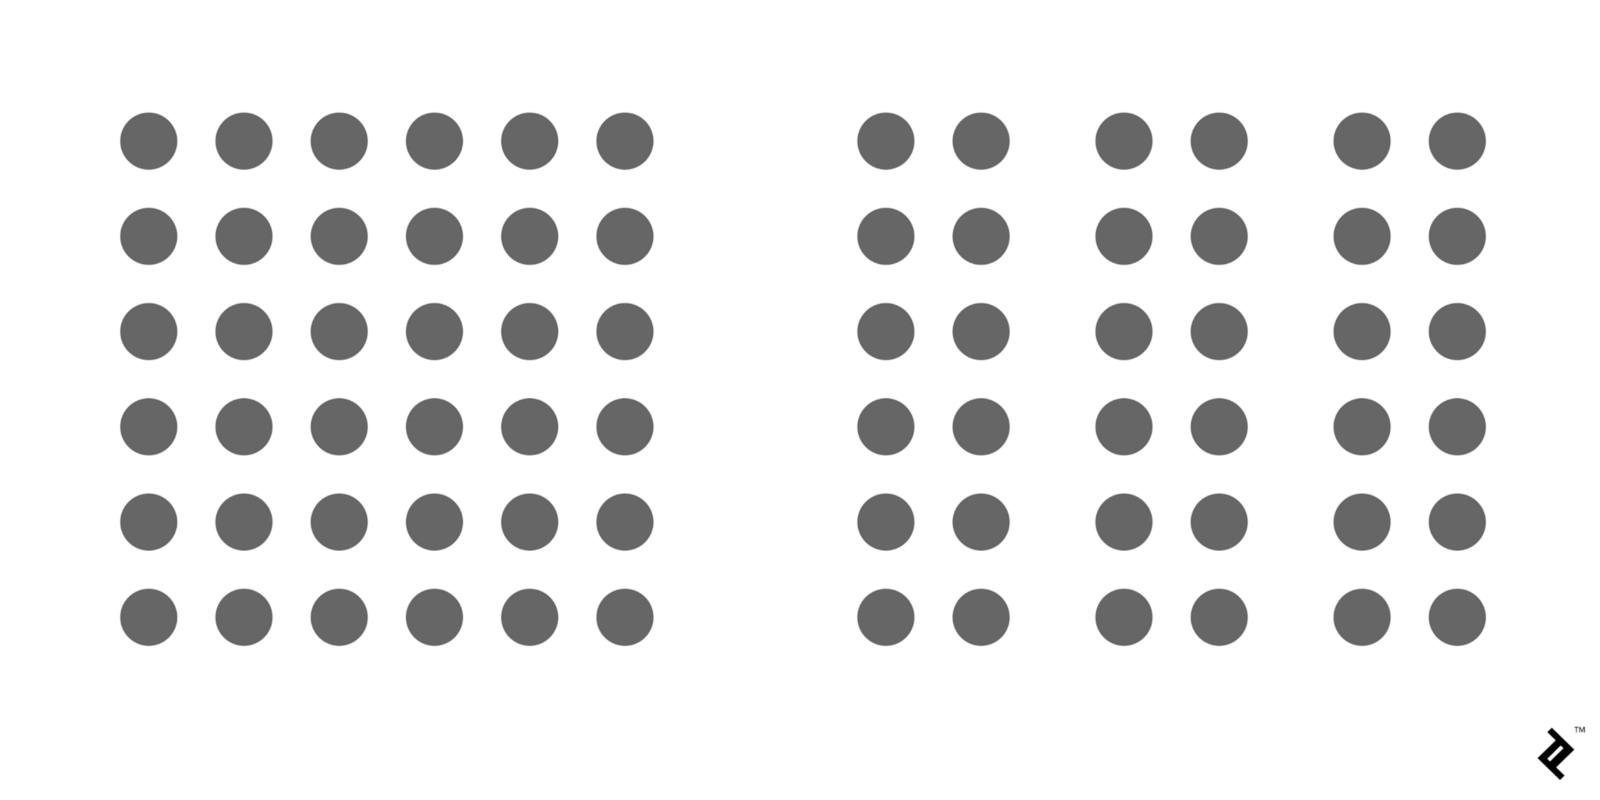 Rõ ràng, ở hình bên phải, nhờ sự xuất hiện của các khoảng trắng, bộ não chúng ta mặc định được các hình tròn được chia thành 3 nhóm khác nhau